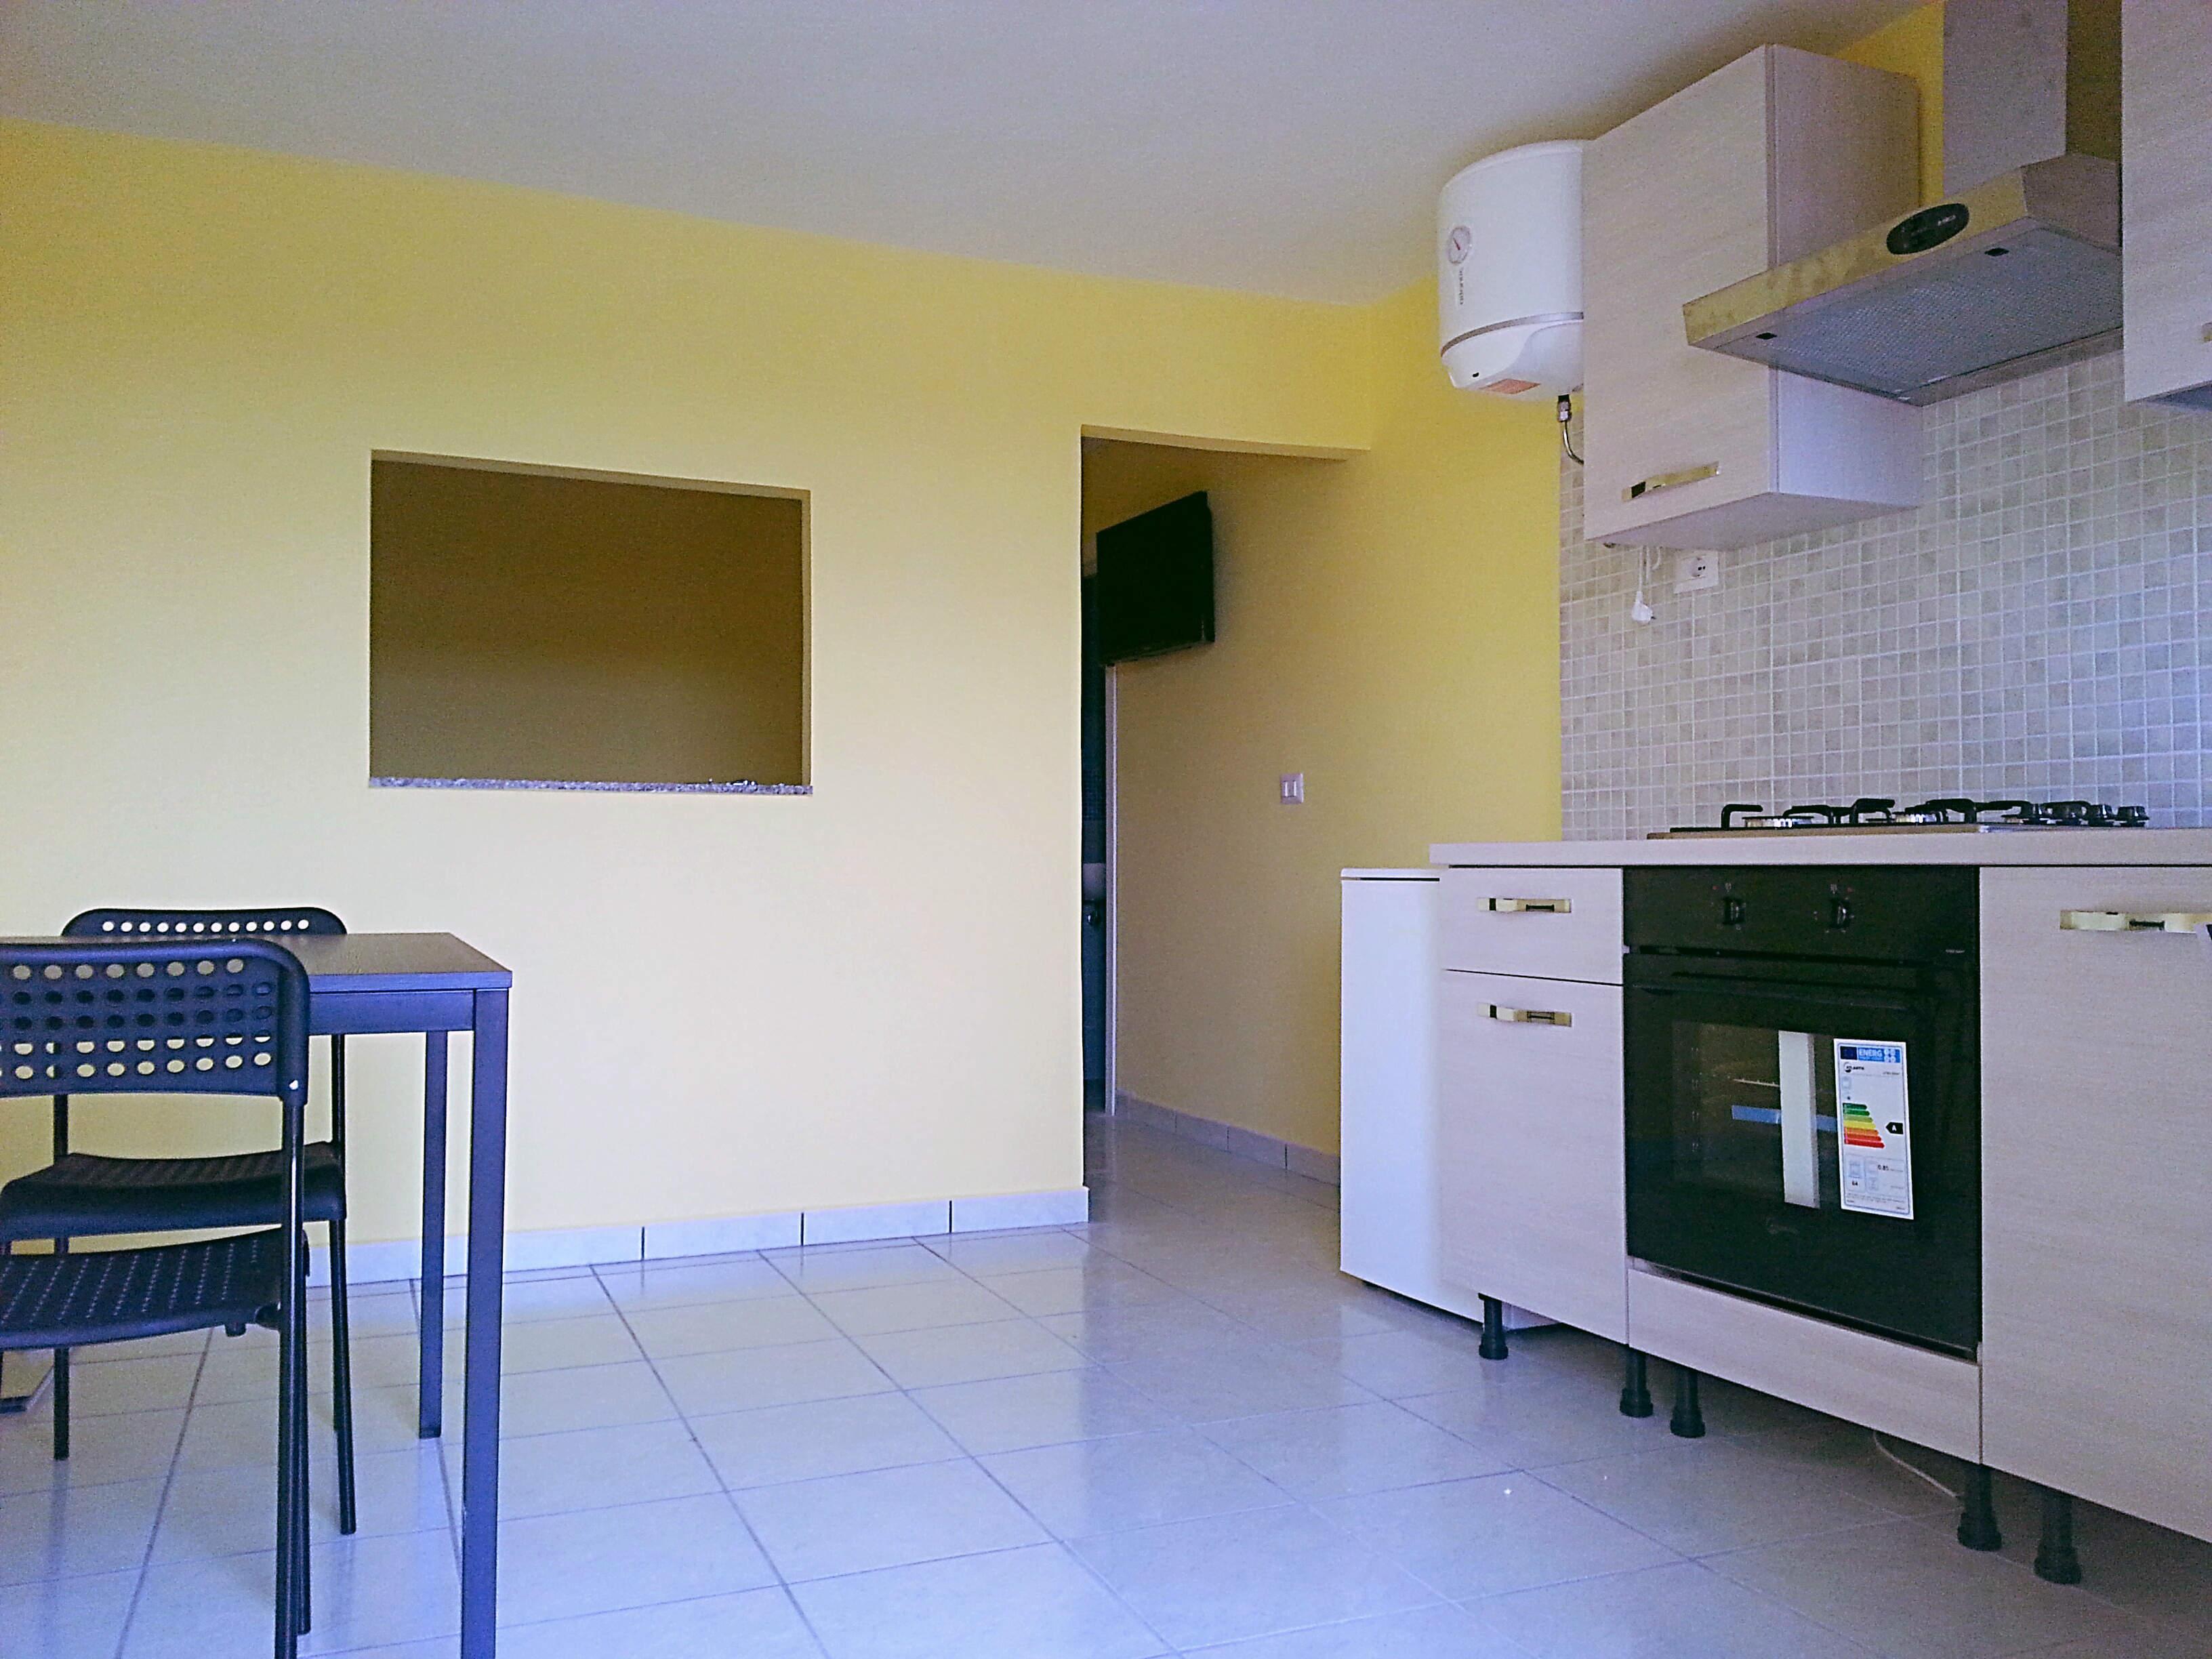 Monocamera di 30 mq arredata a quarto key immobiliare - Cucina birichina quarto ...